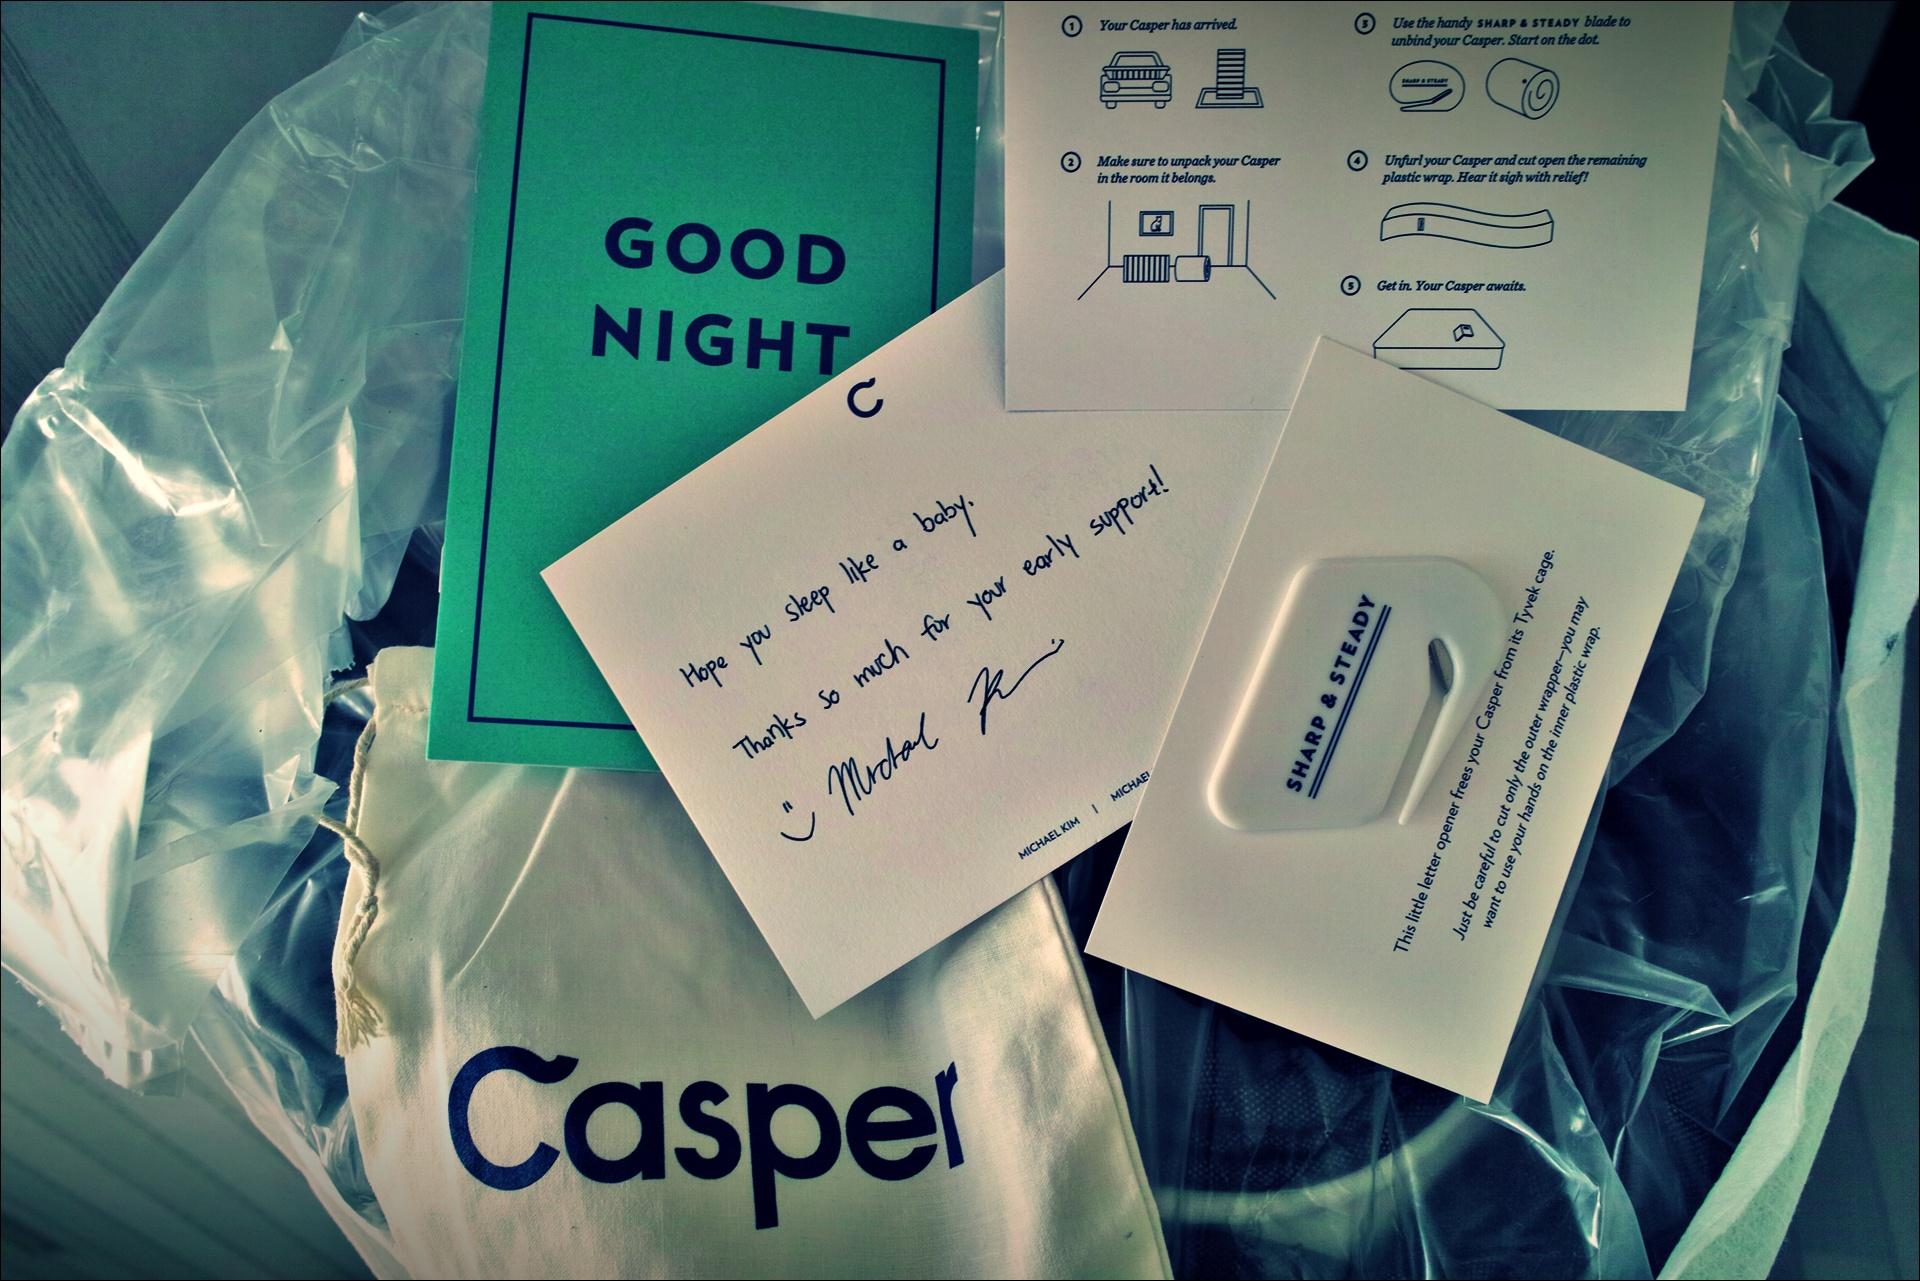 캐스퍼 패키지-'캐스퍼 메모리폼 매트리스 the casper mattress'